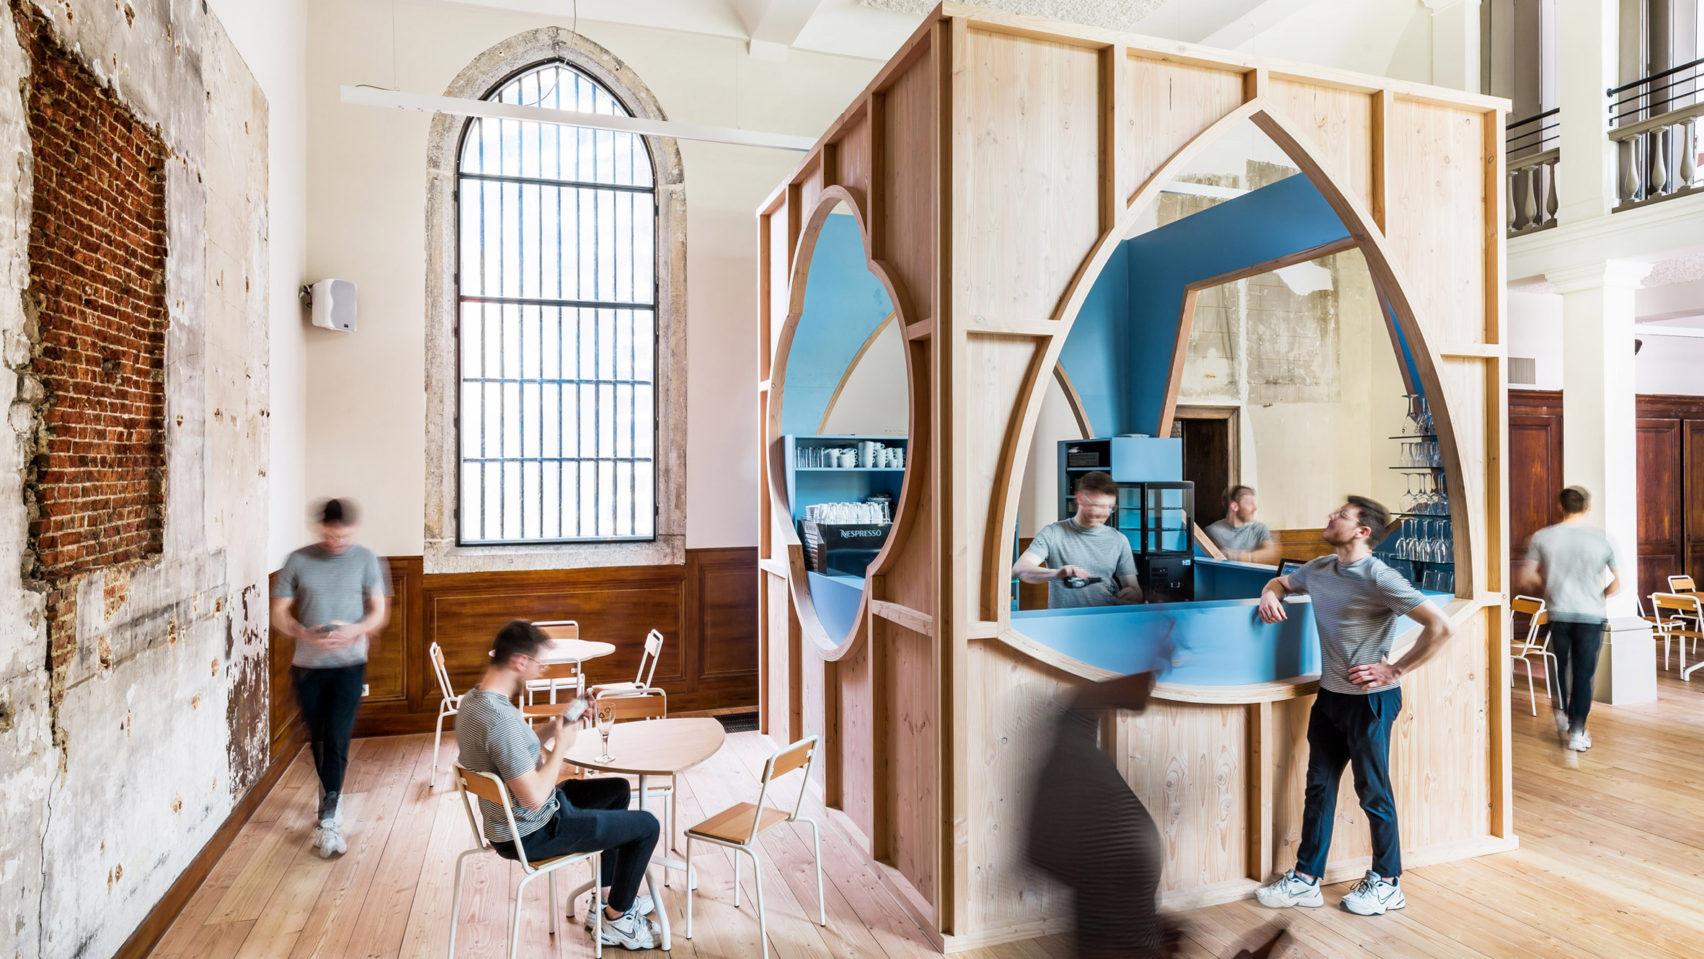 Кафе из кафедральной часовни в Бельгии